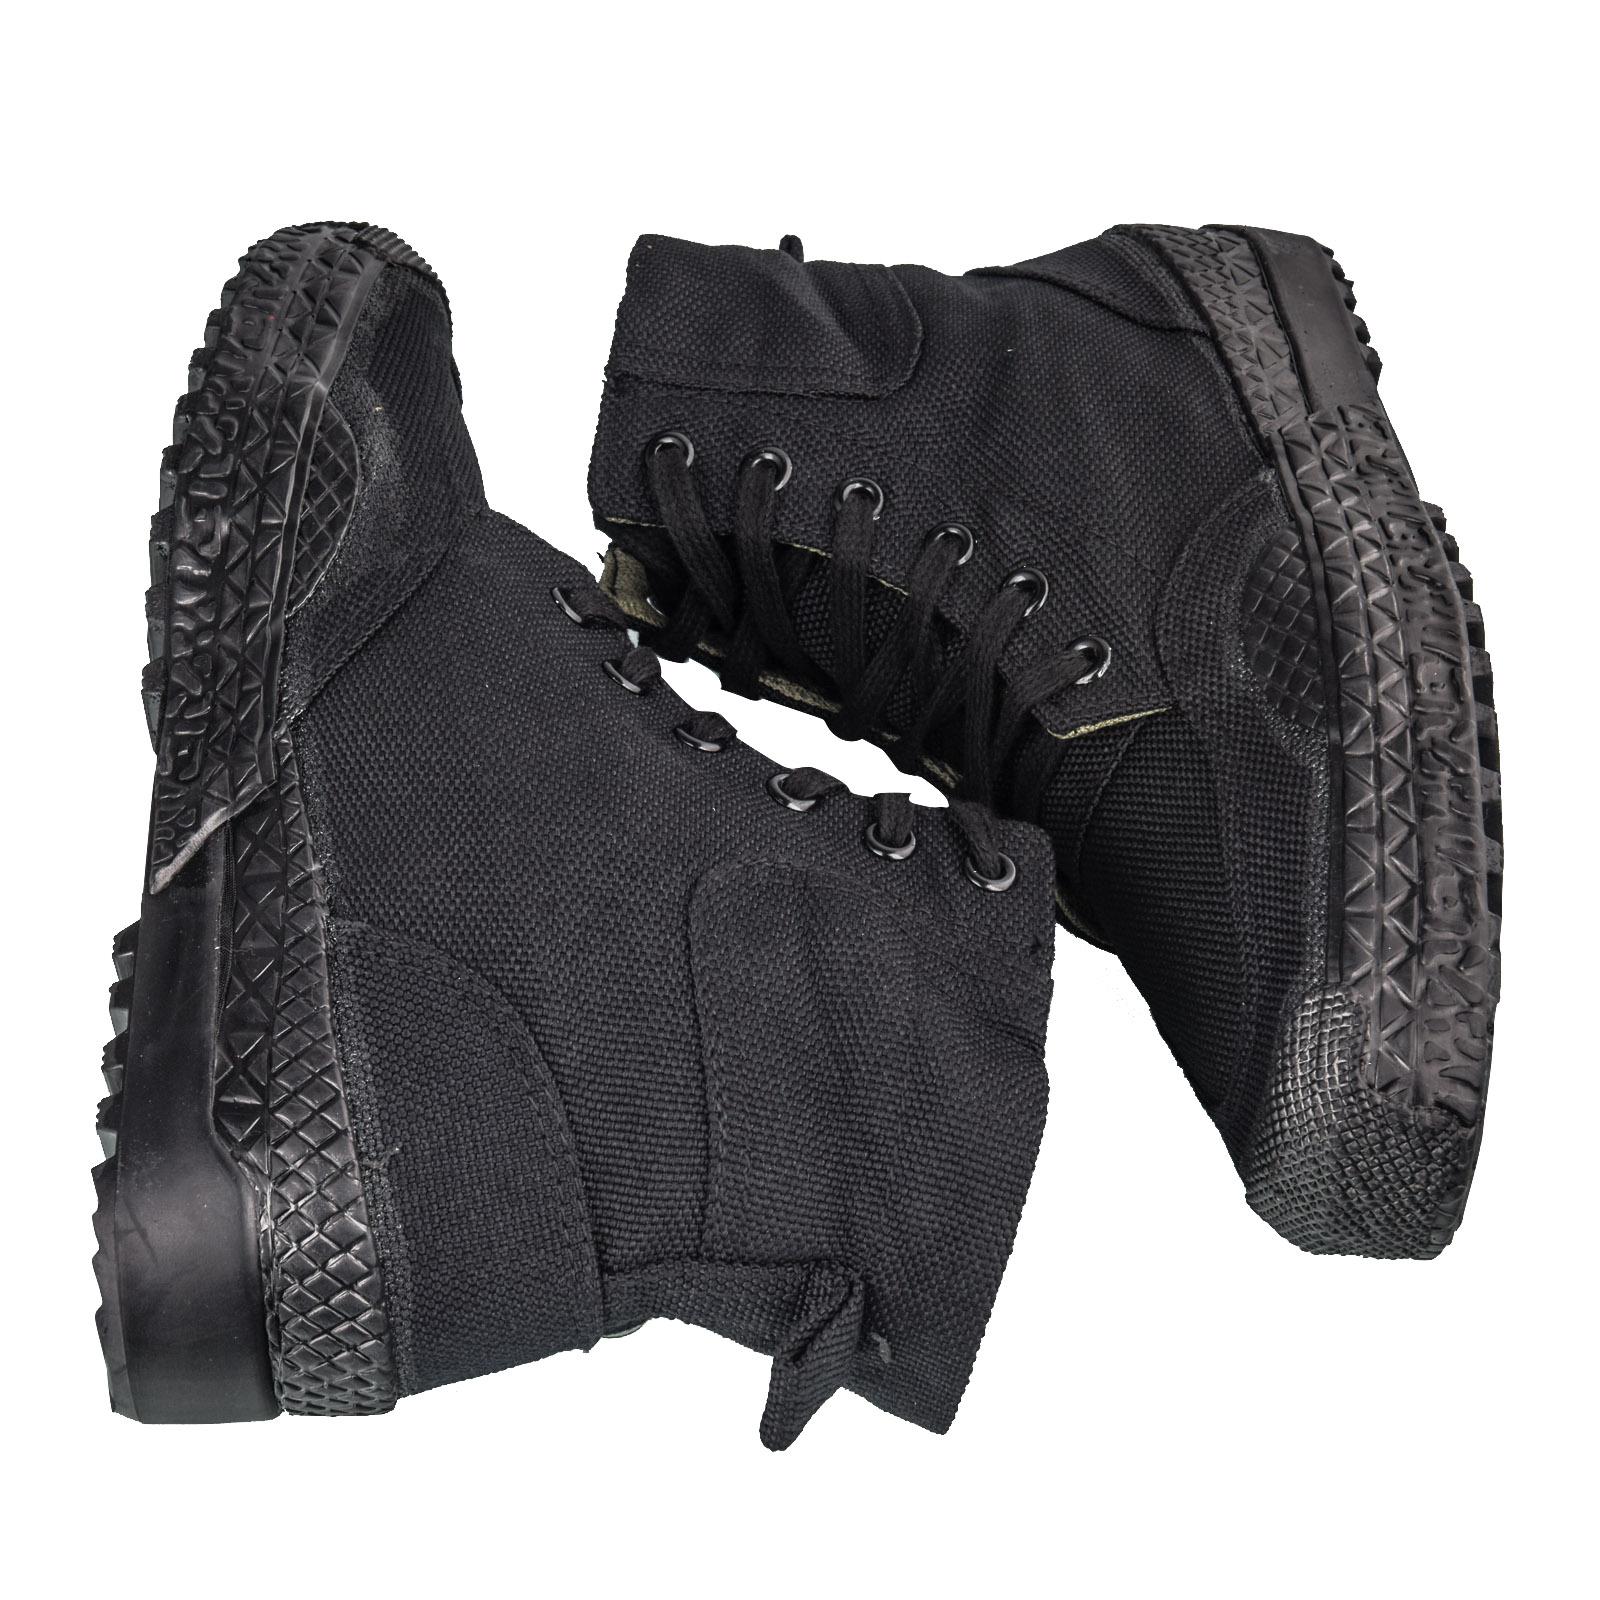 Черные летние тактические ботинки с нескользящей подошвой